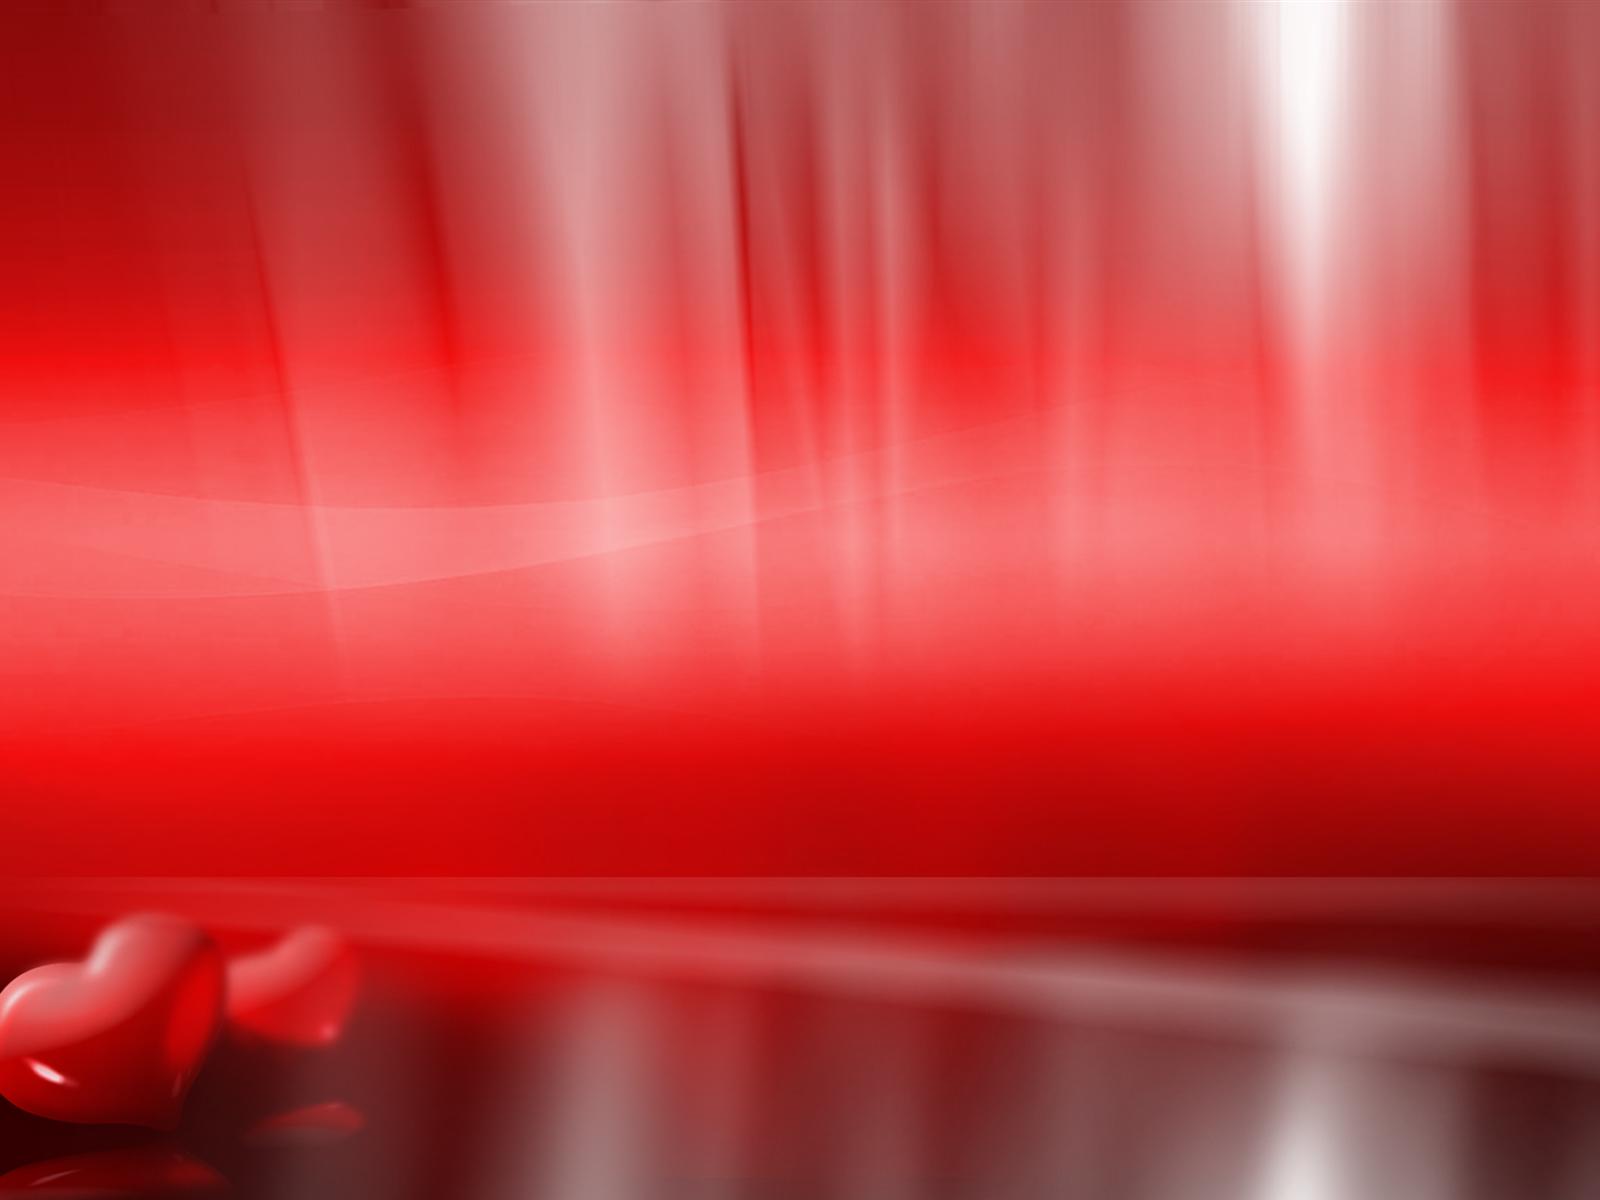 http://2.bp.blogspot.com/_RAlP3BmEW1Q/TQX9nxrTfEI/AAAAAAAACV0/btFDemqhw4M/s1600/The-best-top-love-desktop-wallpapers-26.jpg